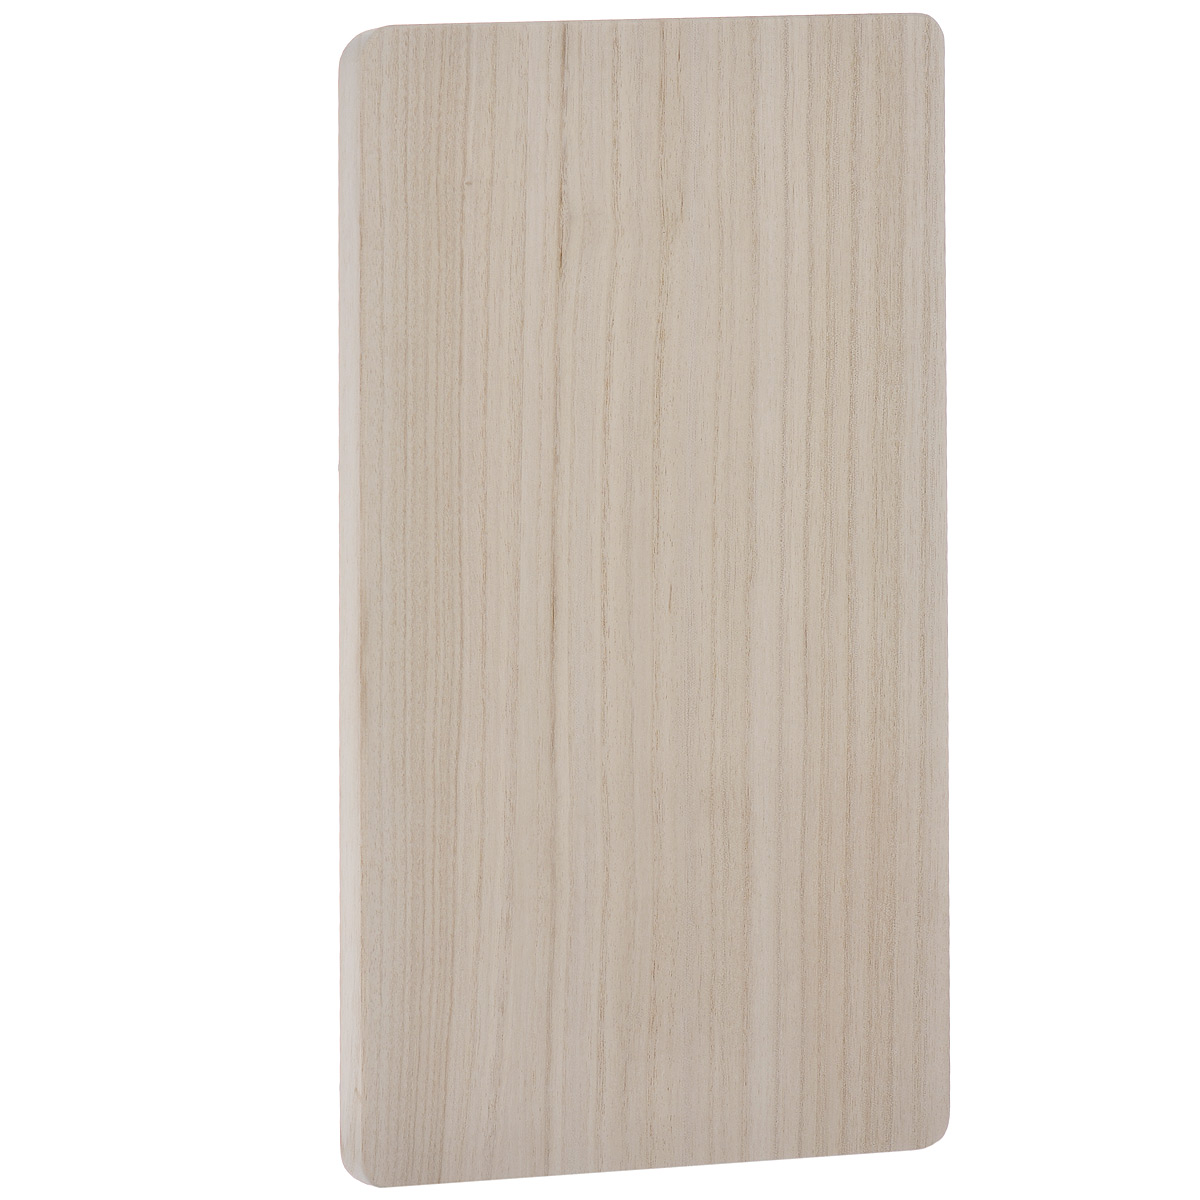 Доска разделочная Hatamoto, 42 см х 23,5 см. H-345H-345Разделочная доска Hatamoto выполнена из адамова дерева (павловнии) - невероятно прочного и легкого материала. Такая доска обладает высокими антибактериальными и гигиеническими свойствами, легко моется и быстро сохнет.